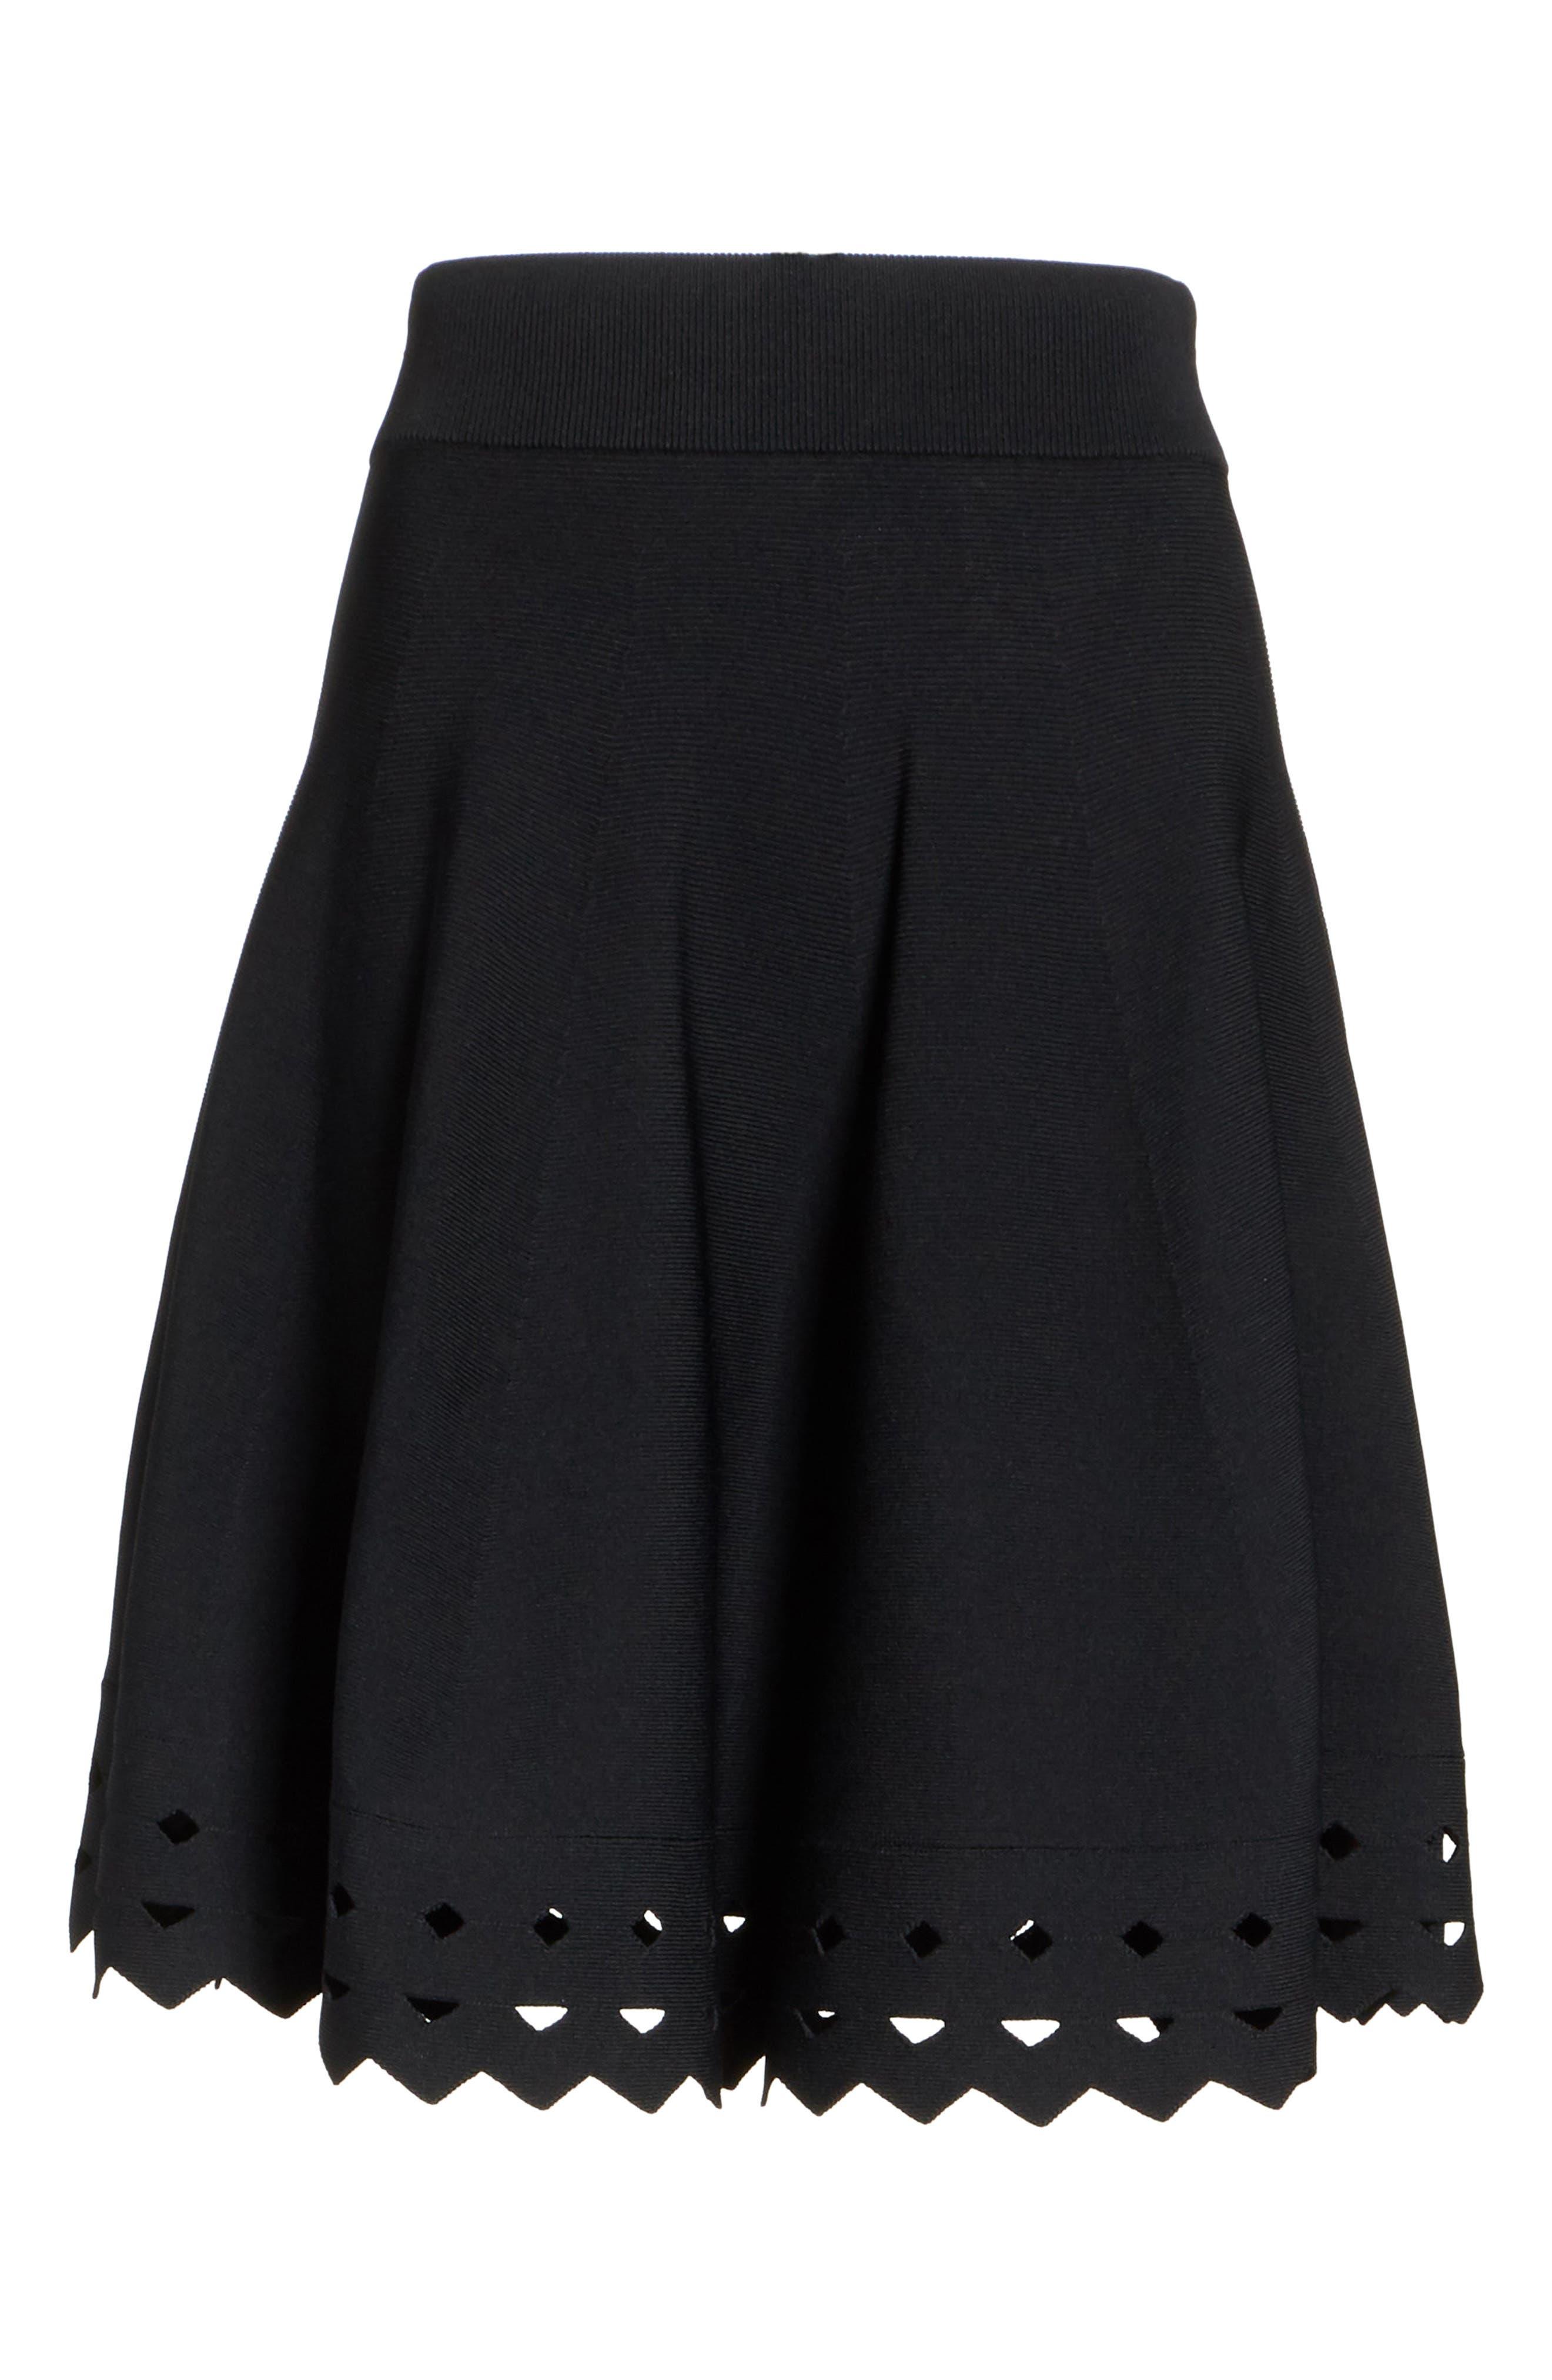 June Cutout Hem Skirt,                             Alternate thumbnail 6, color,                             001